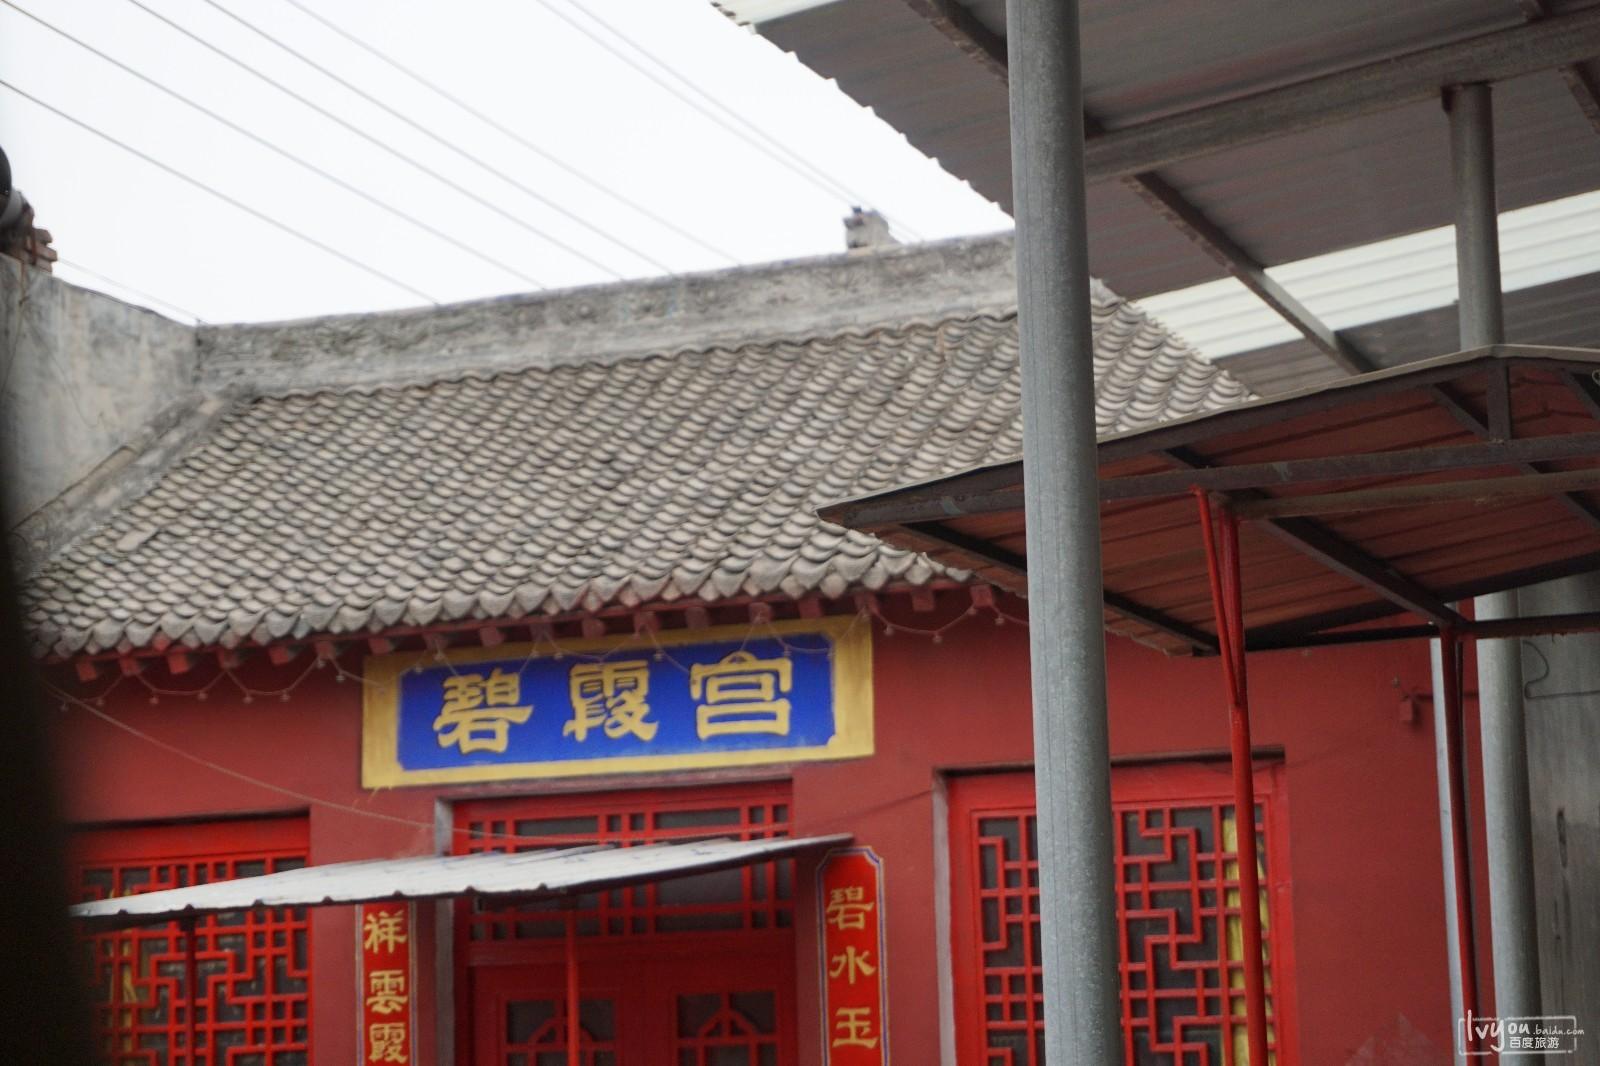 京娘湖<a href=http://www.huaxiacaixun.com/Trave/ target=_blank class=infotextkey>旅游</a>攻略图片38